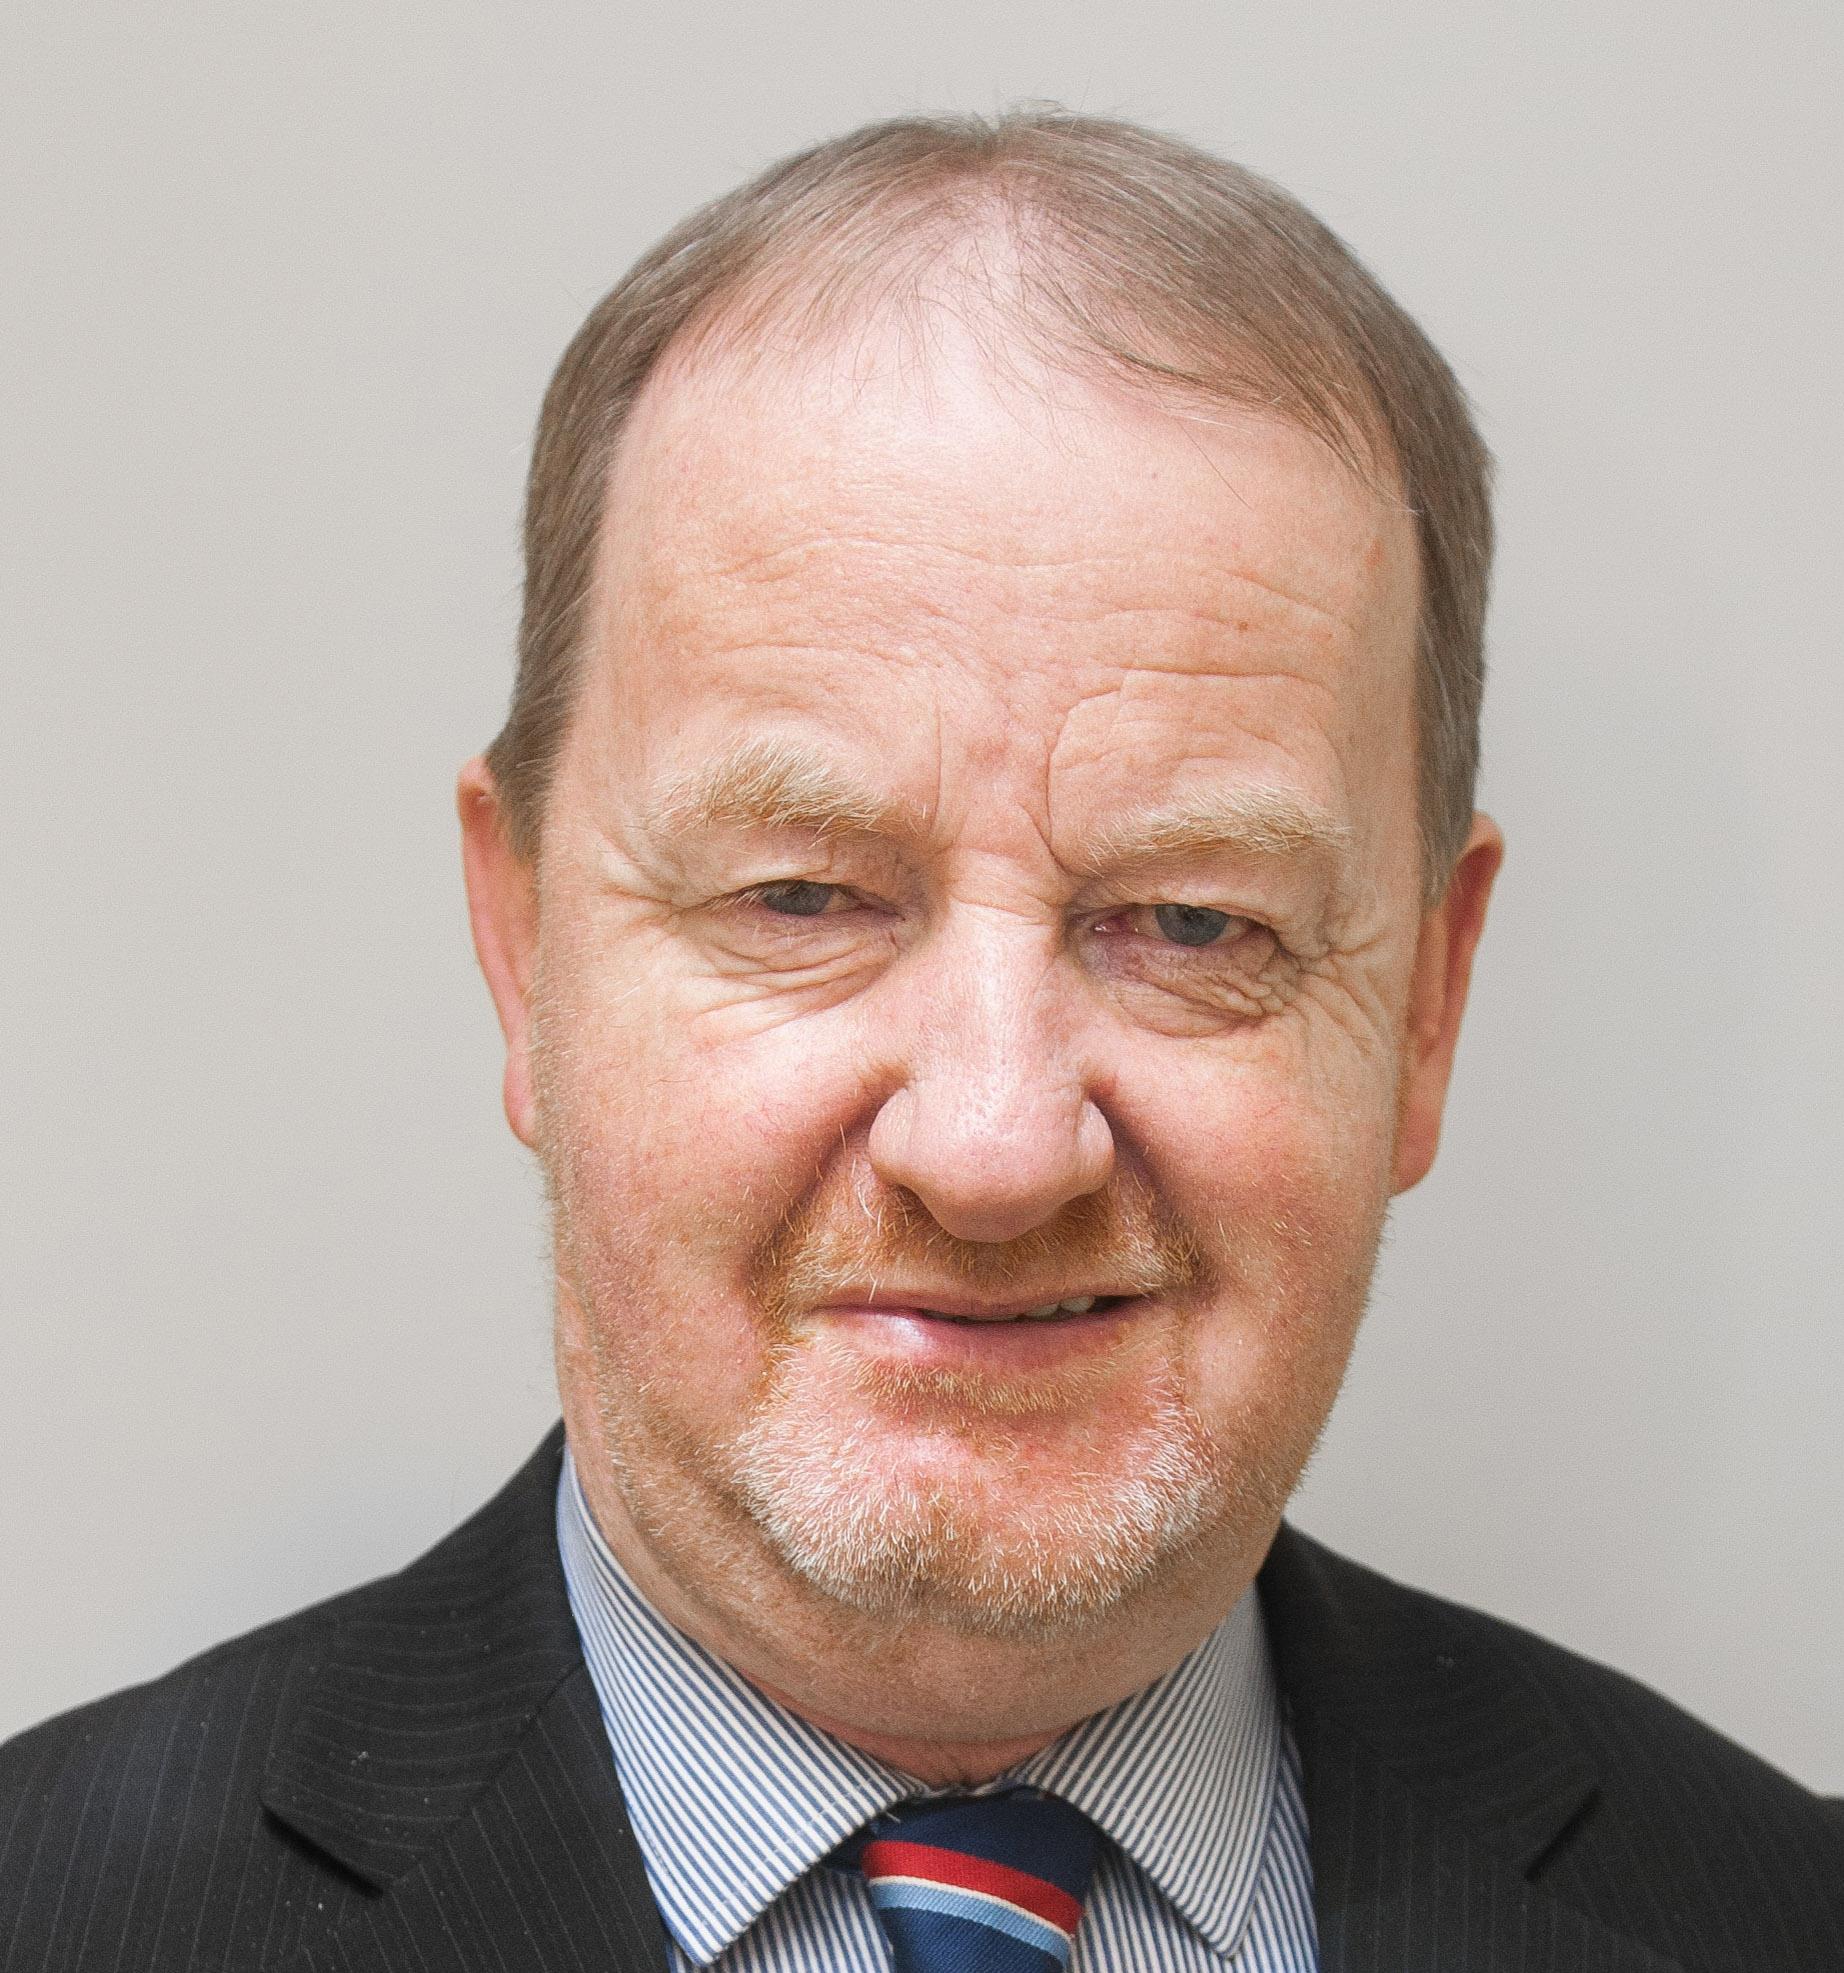 Cllr John Brennan